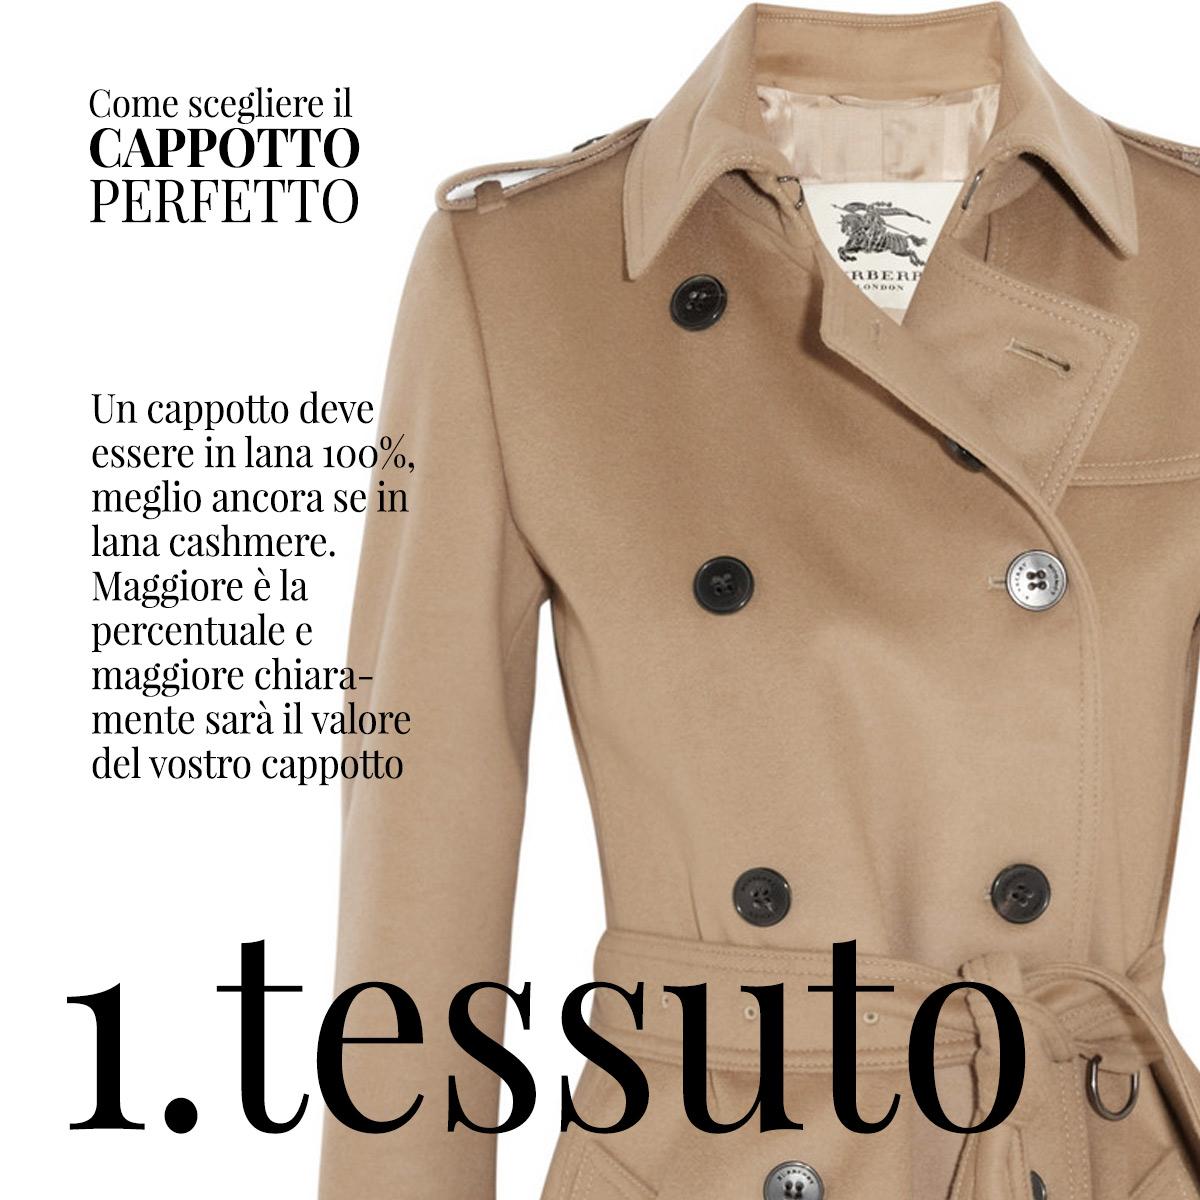 Come scegliere il cappotto perfetto - Tgcom24 - Foto 2 a5e5ef0b9e23